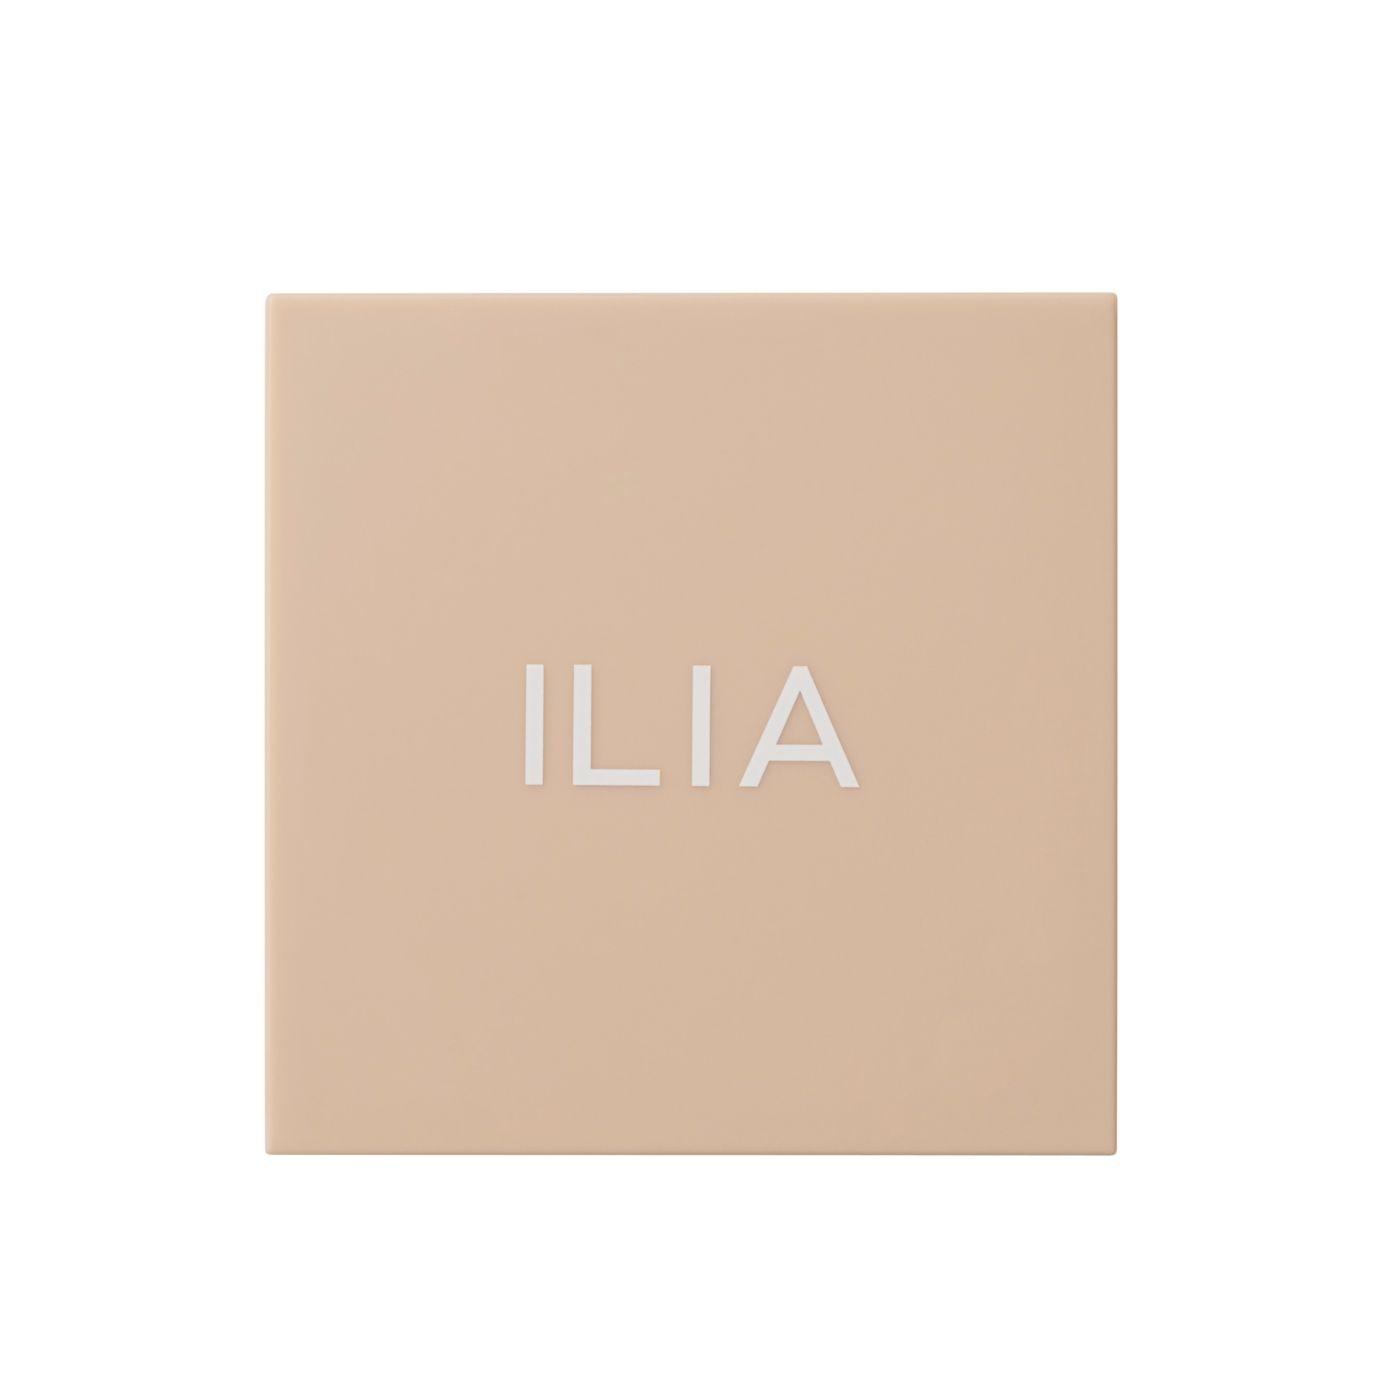 ILIA BEAUTY Rozświetlacz DayLite | SoBio Beauty Boutique 2-2